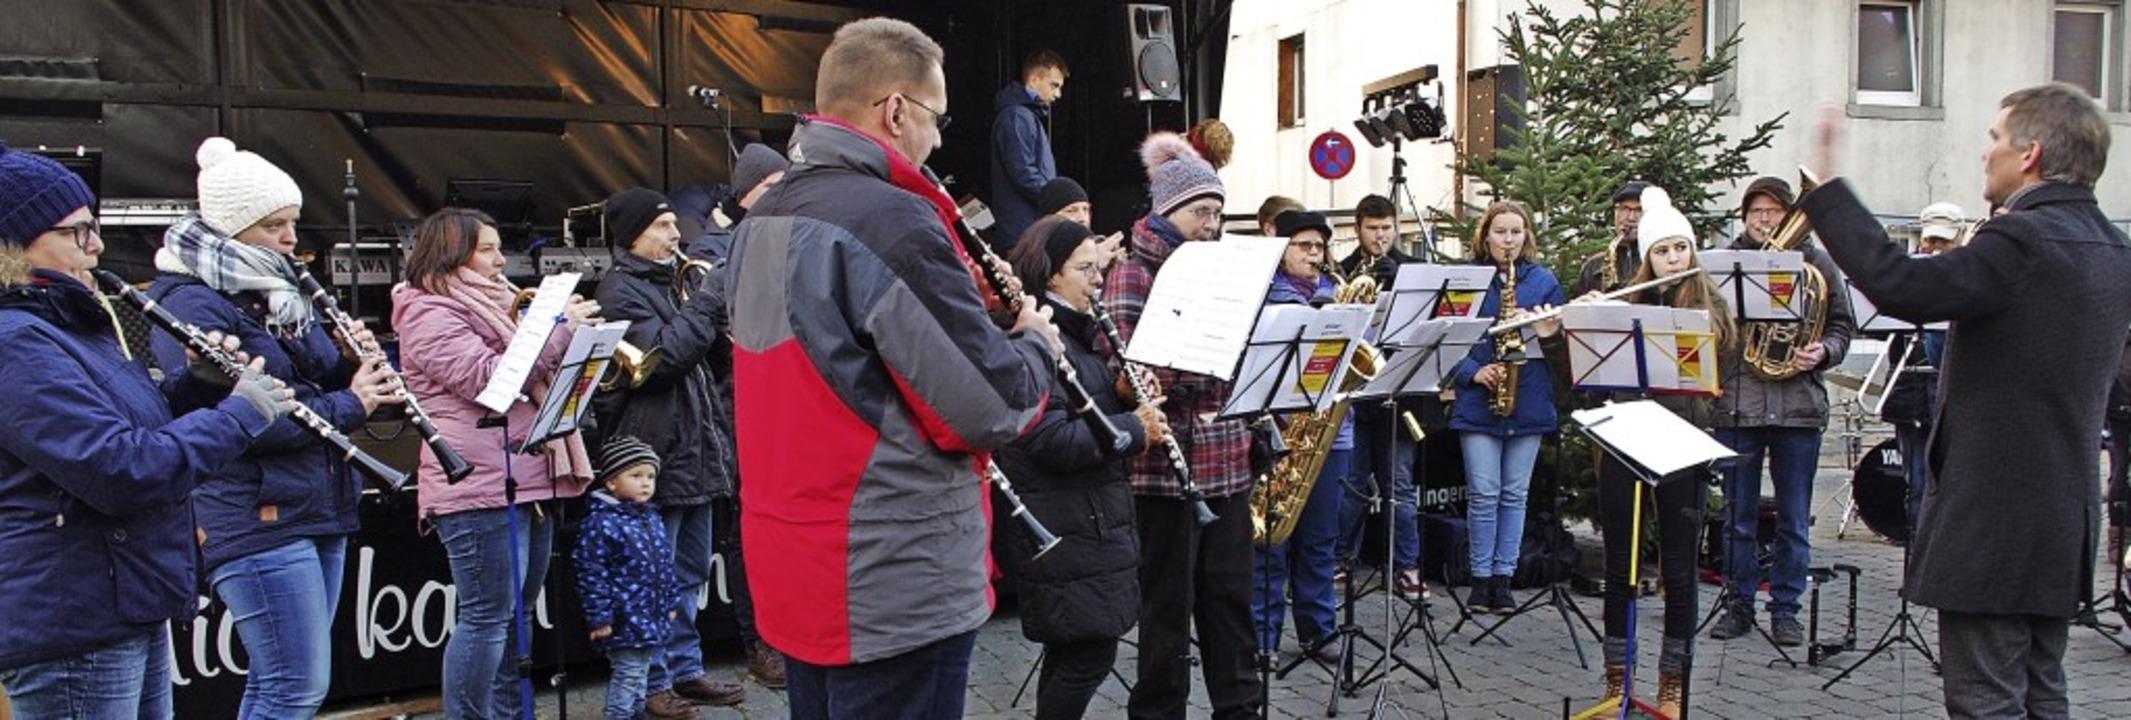 Musik ist ein wichtiger Teil des Tenin...Feuerwehrkapelle im vergangenen Jahr.   | Foto: Annika Sindlinger